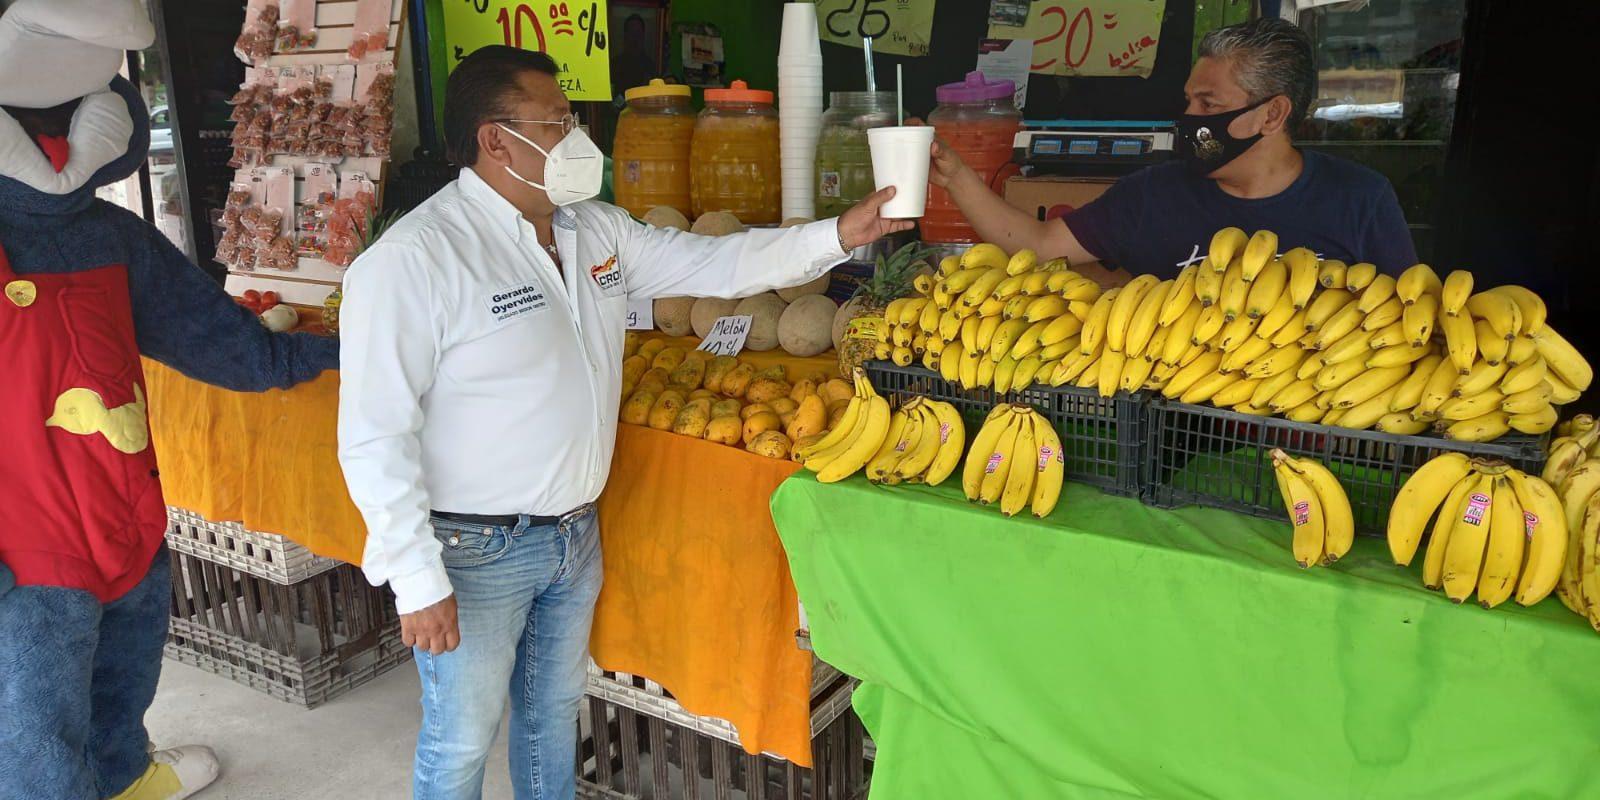 Falta apoyo del gobierno federal, el apoyo al comercio local es de suma importancia: Gerardo Oyervides